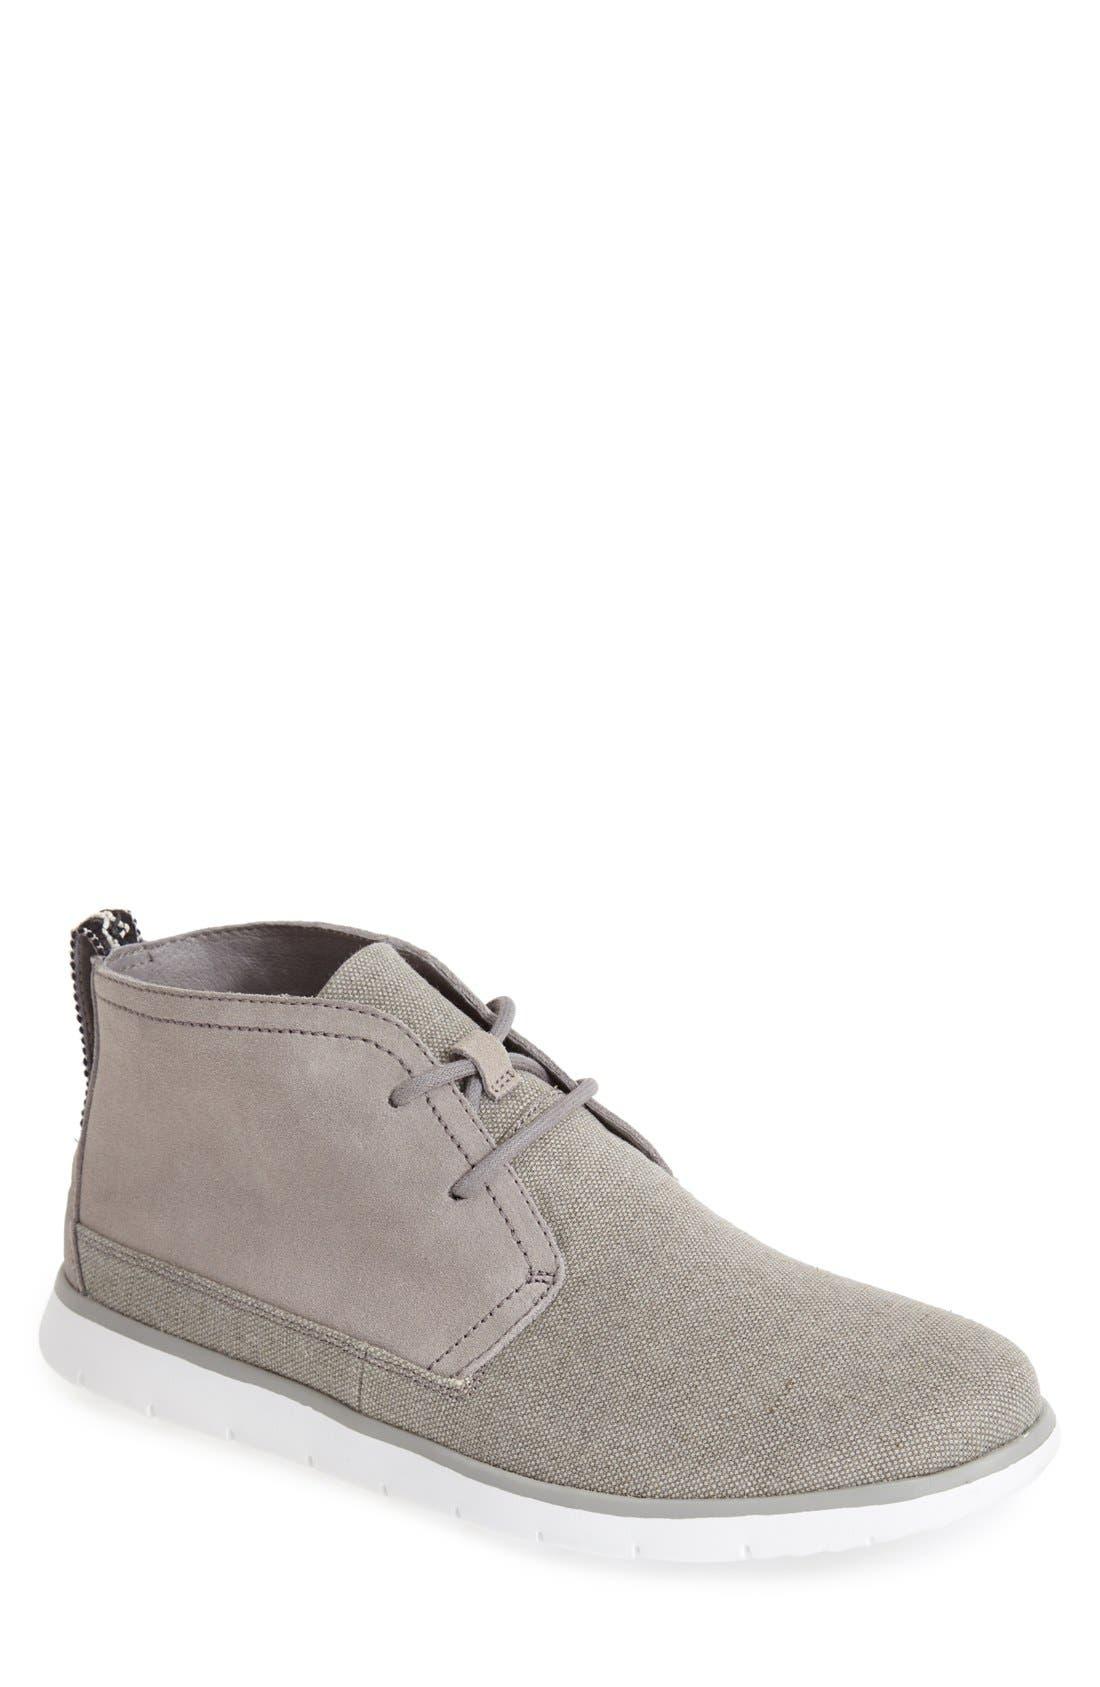 Alternate Image 1 Selected - UGG® 'Freamon' Chukka Sneaker (Men)